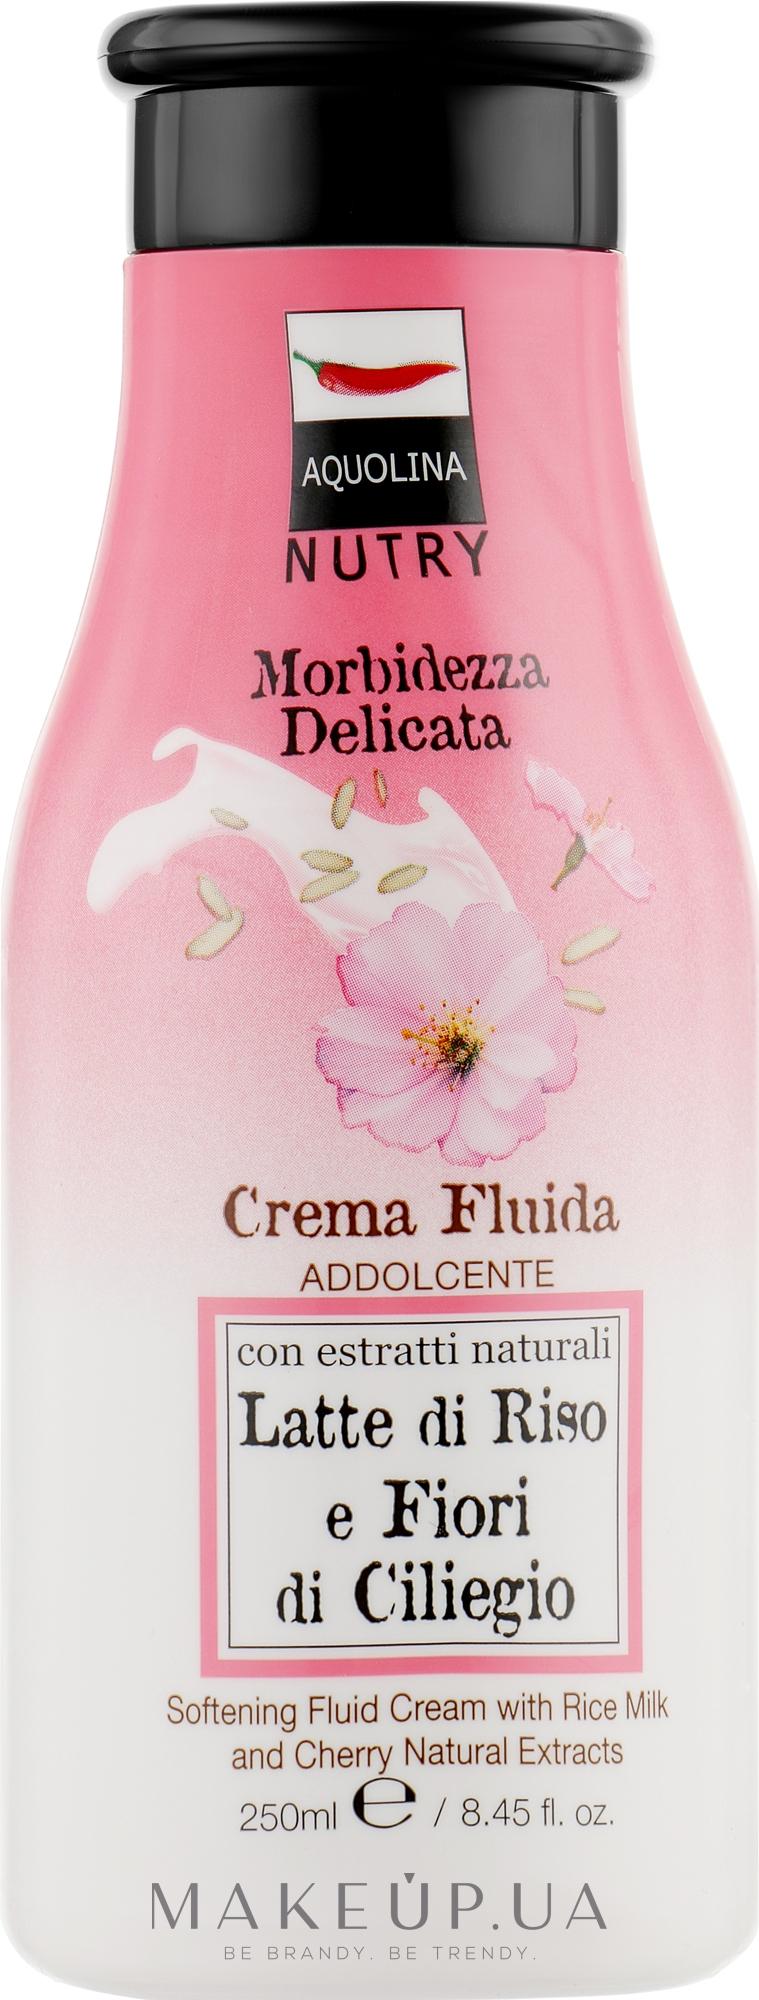 Крем для тіла - Aquolina Crema Fluido Latte Di Riso e Fiori Di Ciliegio  — фото 250ml